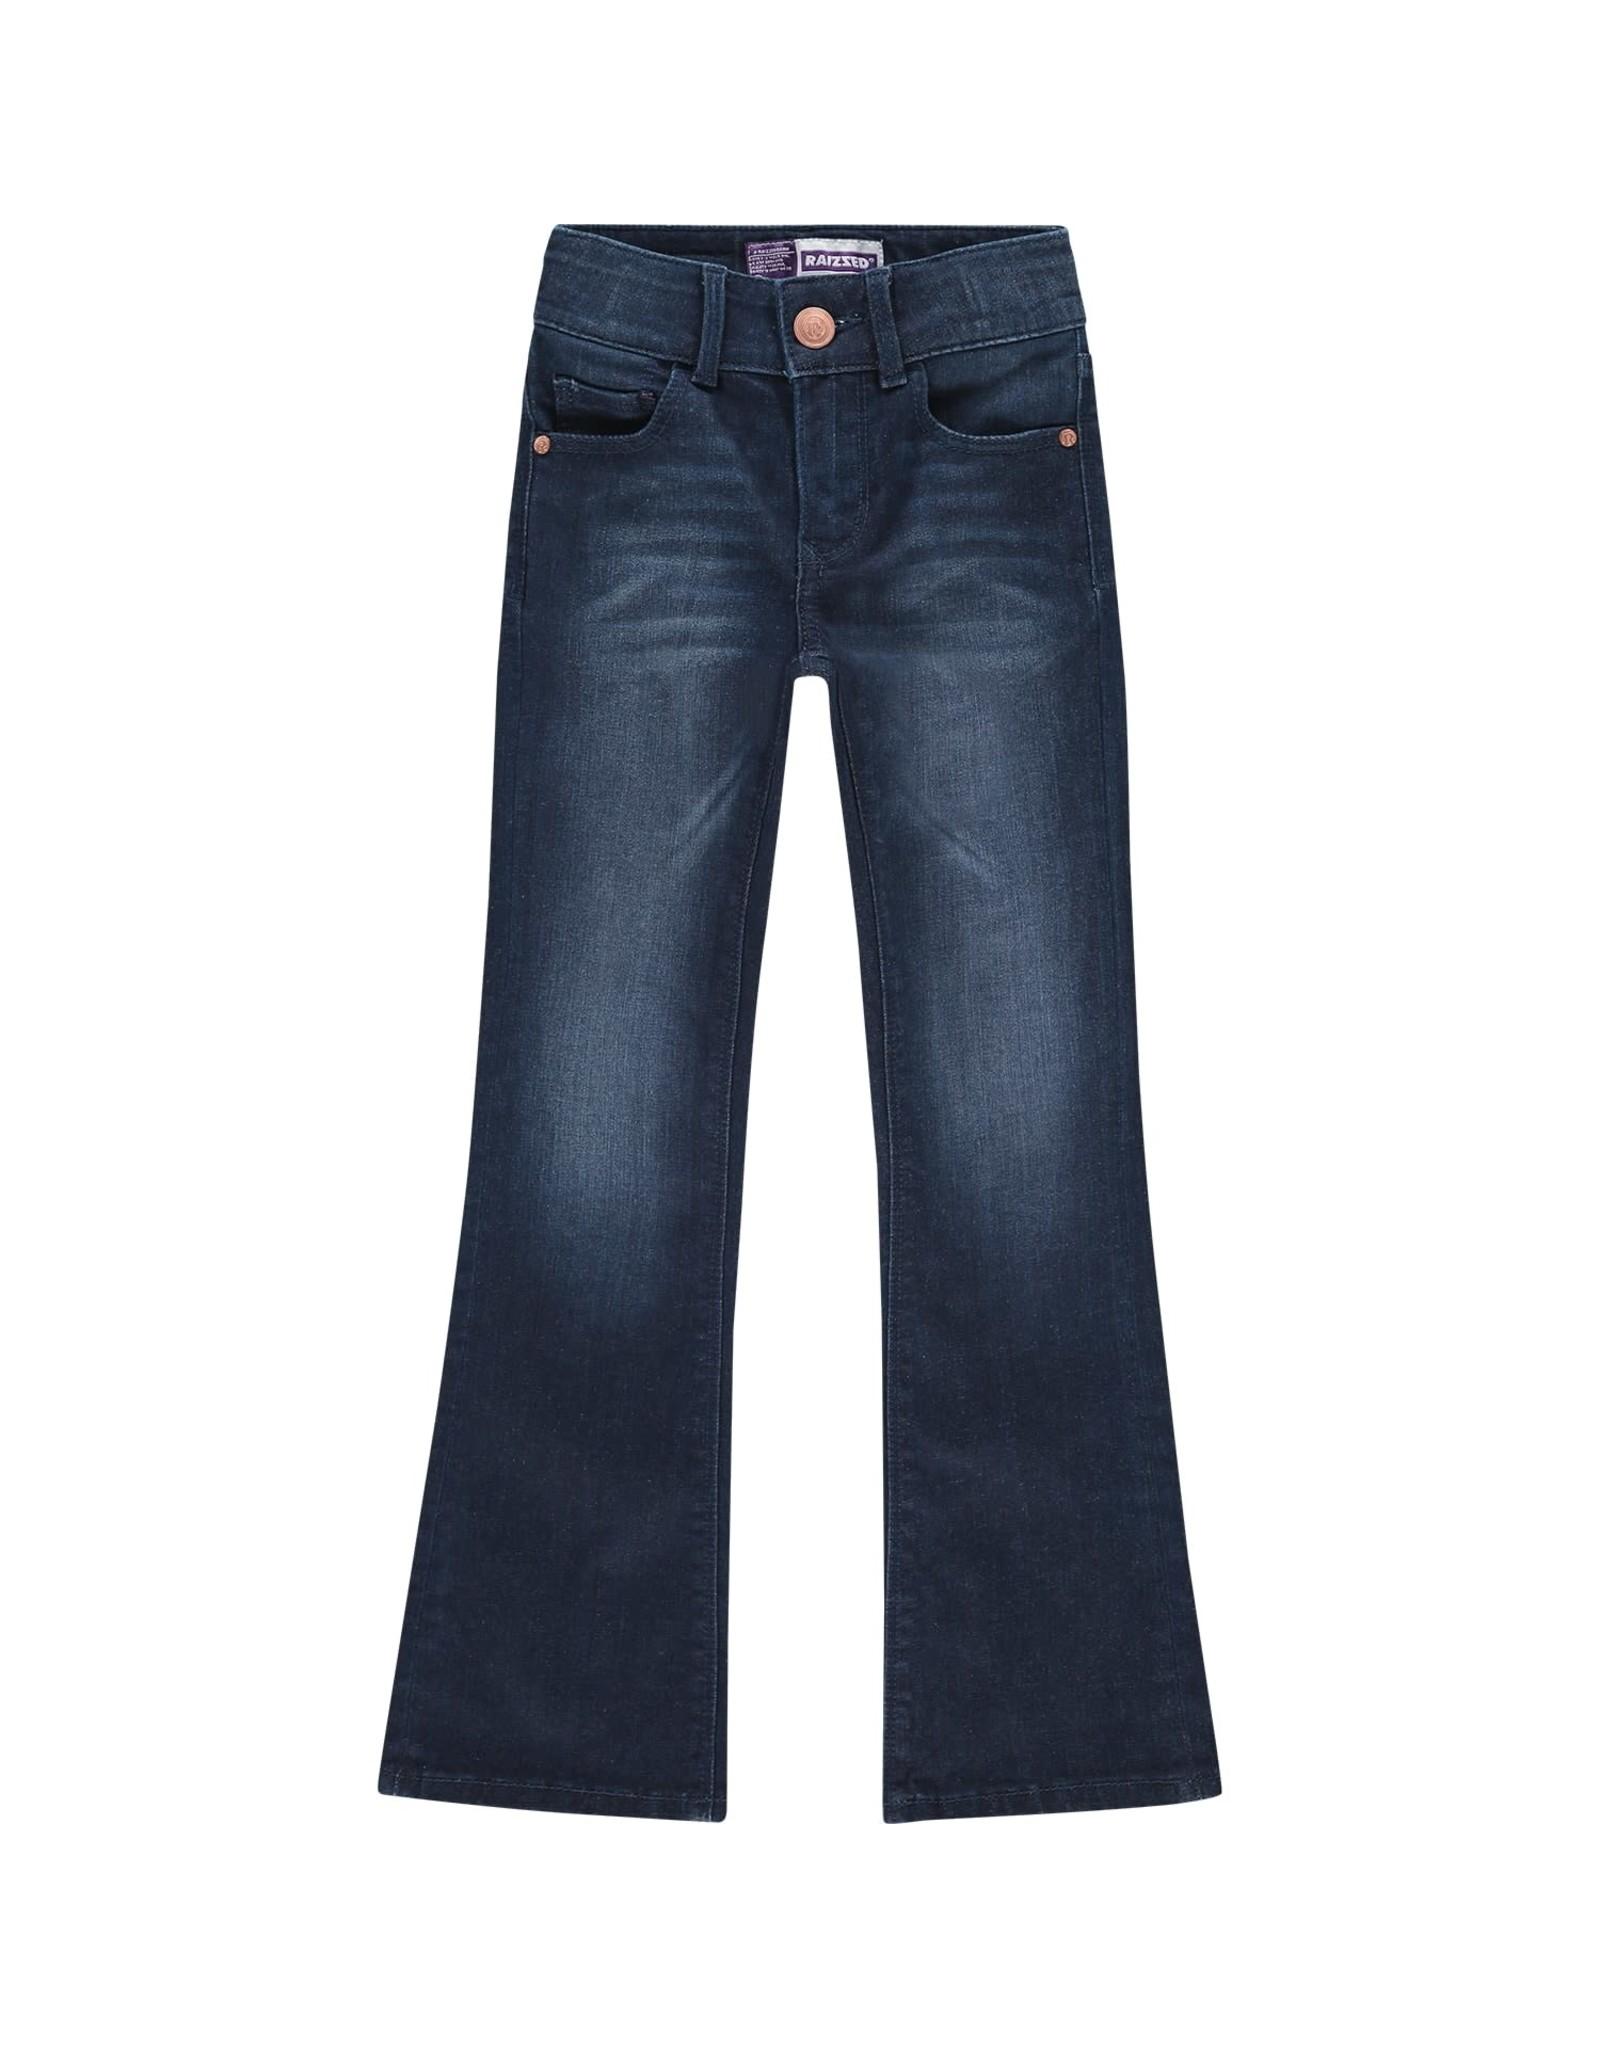 Raizzed Raizzed meiden flairpants jeans Melbourne Dark Blue Stone